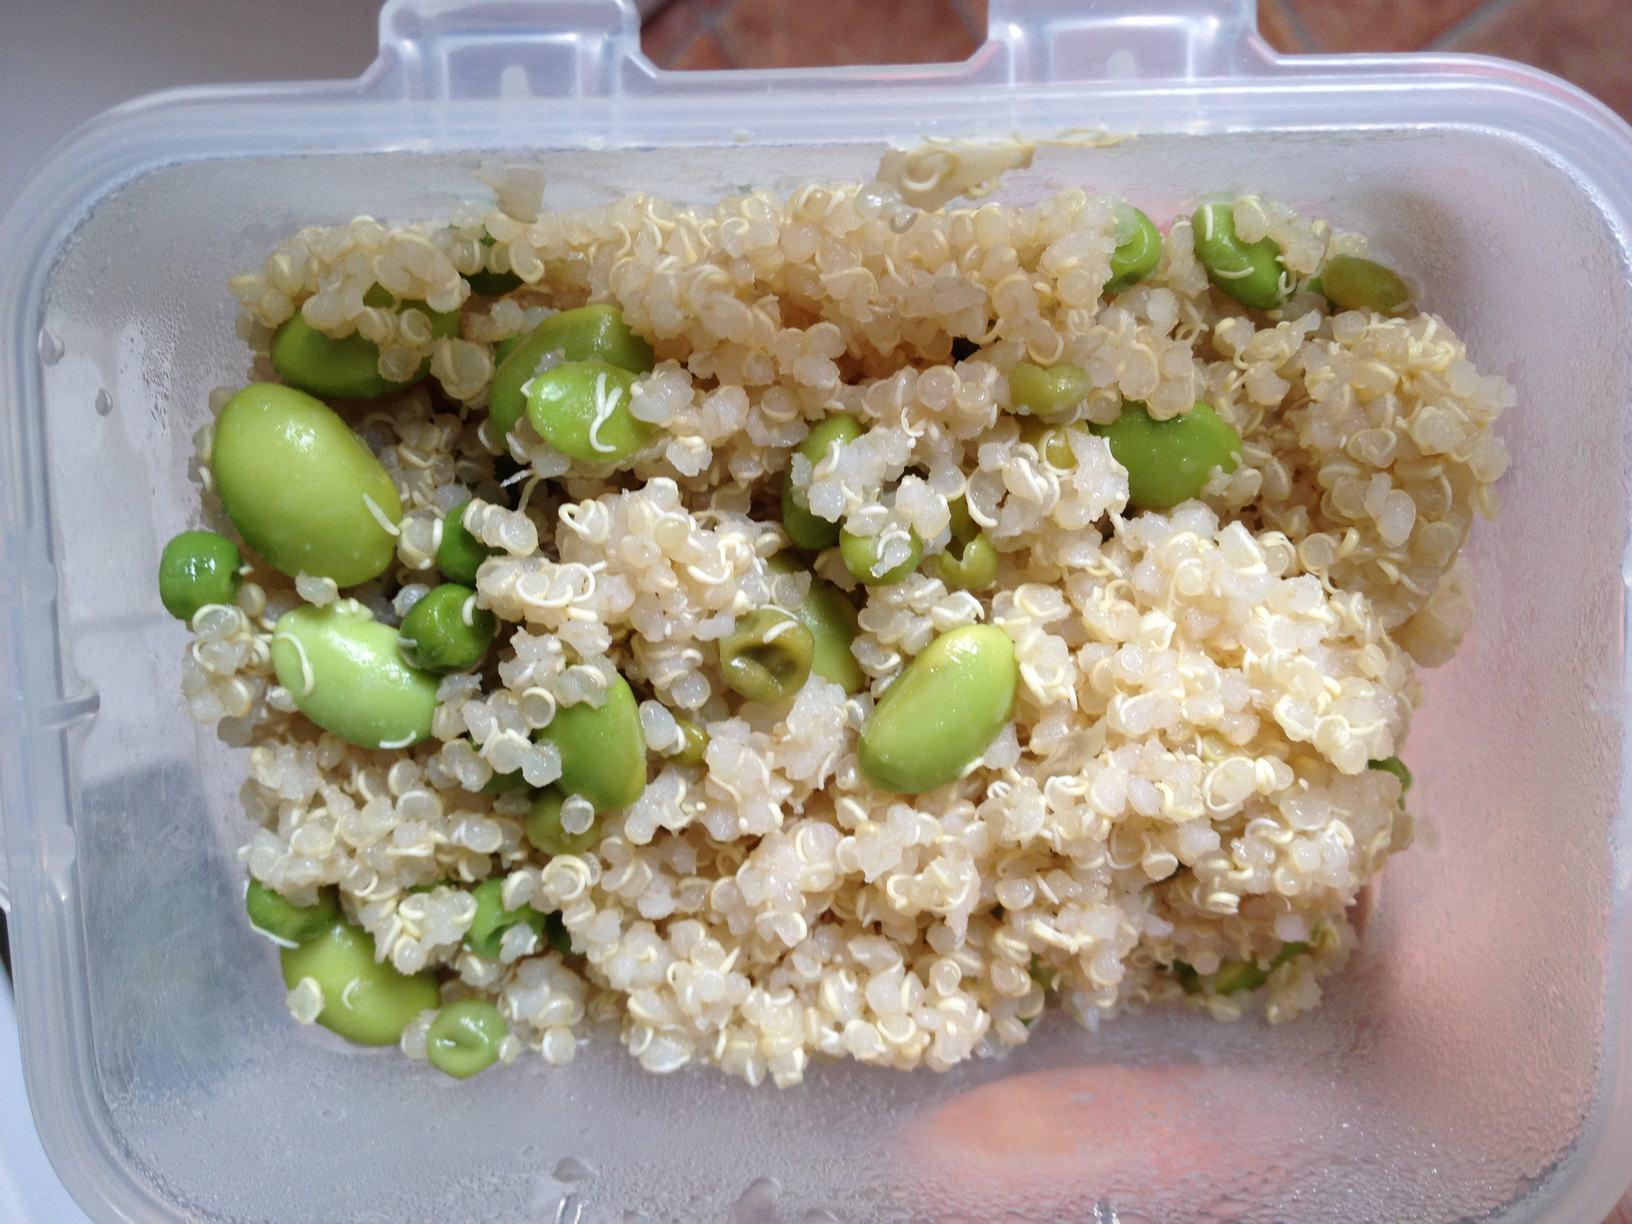 Day 2 Lunch Box - Quinoa & Edamame